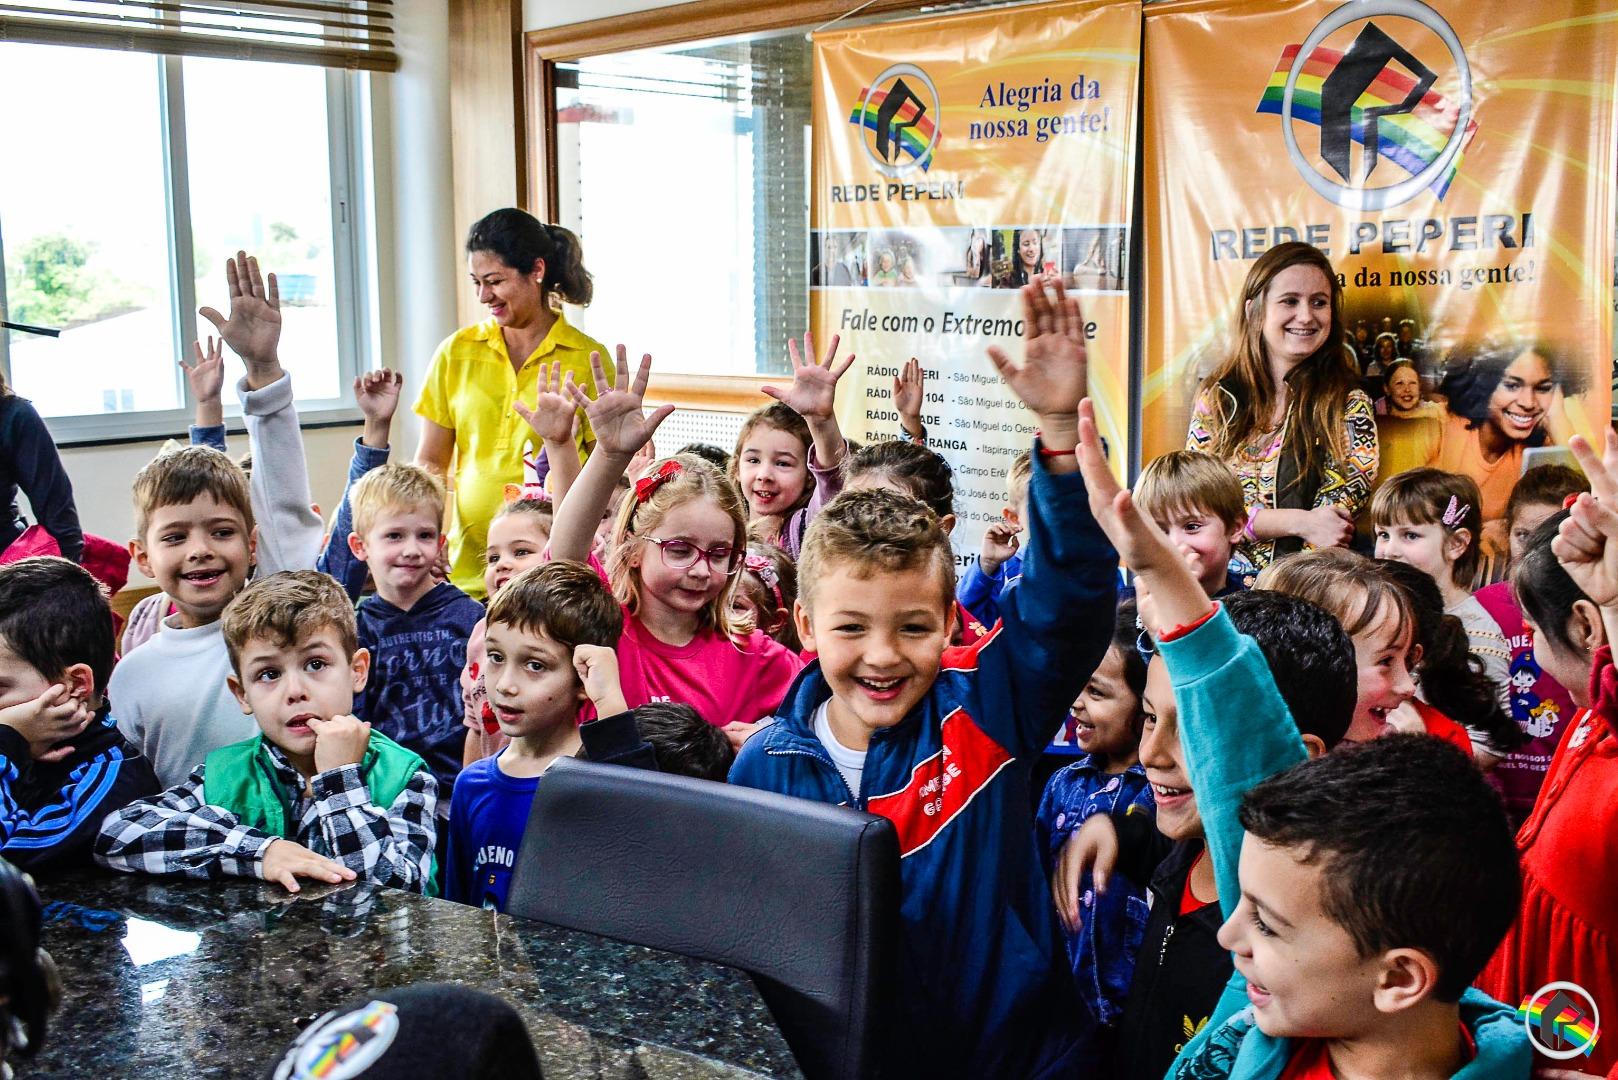 VÍDEO: Alunos da escola Pequeno Polegar visitam sede Rede Peperi